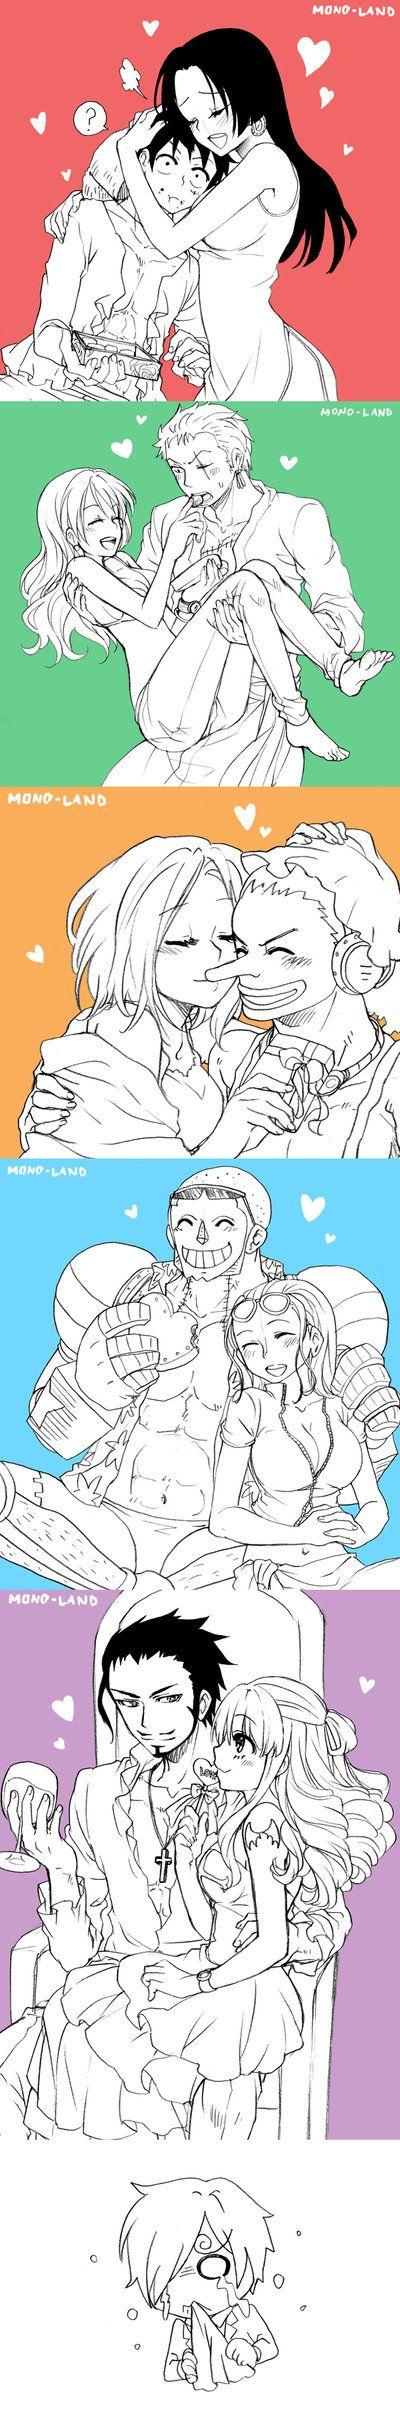 Actually I don't ship Nami x Zoro and Mihawk x Perona but it's hilarious, poor Sanji;;;